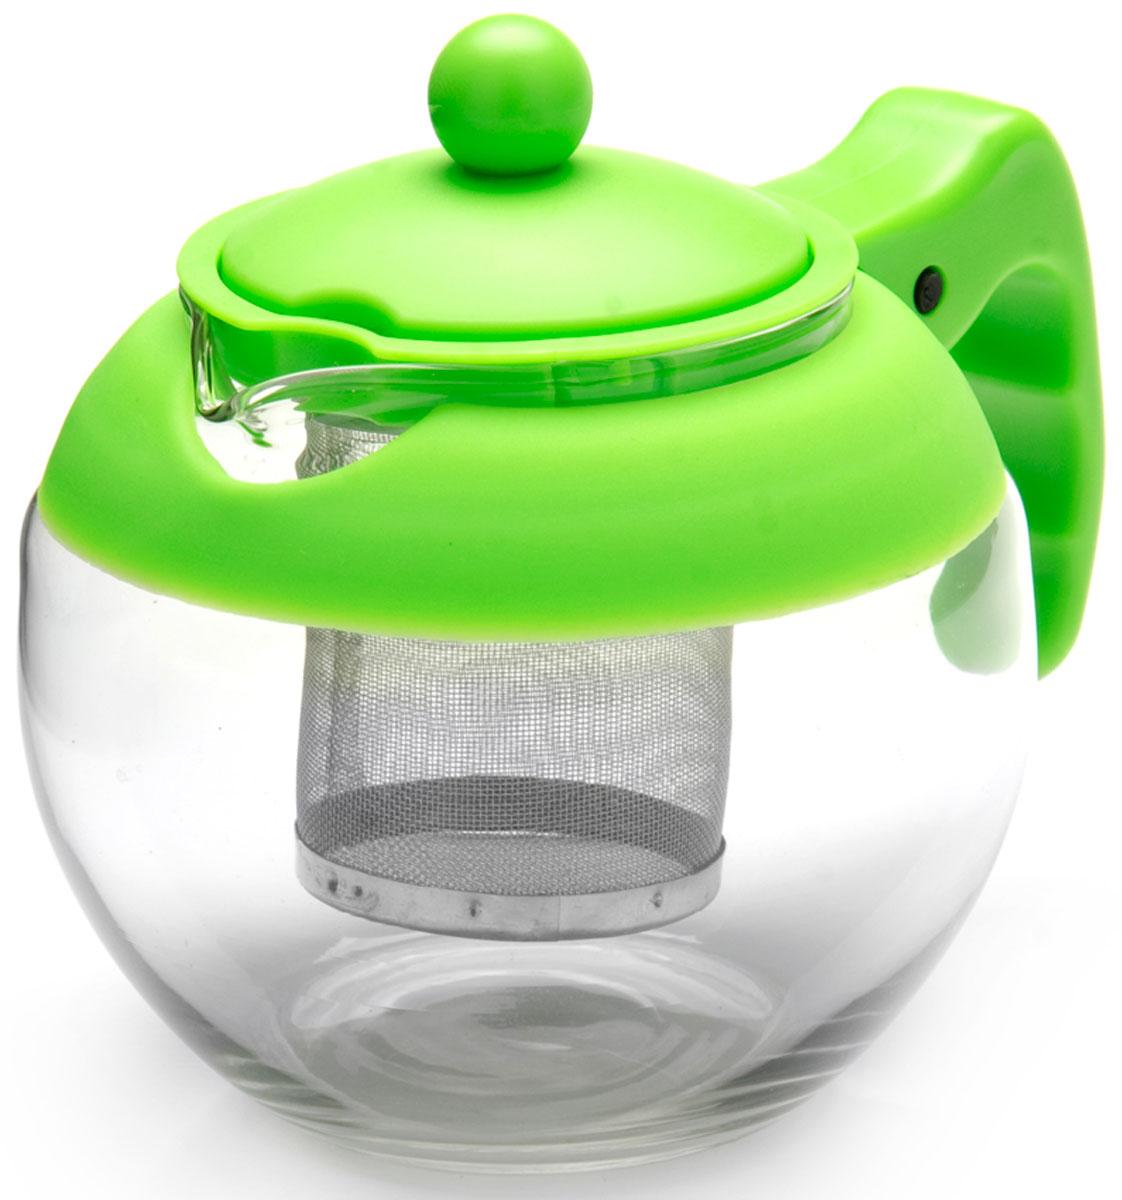 Чайник заварочный Mayer & Boch, с фильтром, цвет: зеленый, 750 мл. 26174-326174-3Заварочный чайник Mayer & Boch изготовлен из термостойкого боросиликатного стекла, фильтр выполнен из нержавеющей стали. Изделия из стекла не впитывают запахи, благодаря чему вы всегда получите натуральный, насыщенный вкус и аромат напитков. Заварочный чайник из стекла удобно использовать для повседневного заваривания чая практически любого сорта. Но цветочные, фруктовые, красные и желтые сорта чая лучше других раскрывают свой вкус и аромат при заваривании именно в стеклянных чайниках, а также сохраняют все полезные ферменты и витамины, содержащиеся в чайных листах. Стальной фильтр гарантирует прозрачность и чистоту напитка от чайных листьев, при этом сохранив букет и насыщенность чая.Прозрачные стенки чайника дают возможность насладиться насыщенным цветом заваренного чая. Изящный заварочный чайник Mayer & Boch будет прекрасно смотреться в любом интерьере. Подходит для мытья в посудомоечной машине.